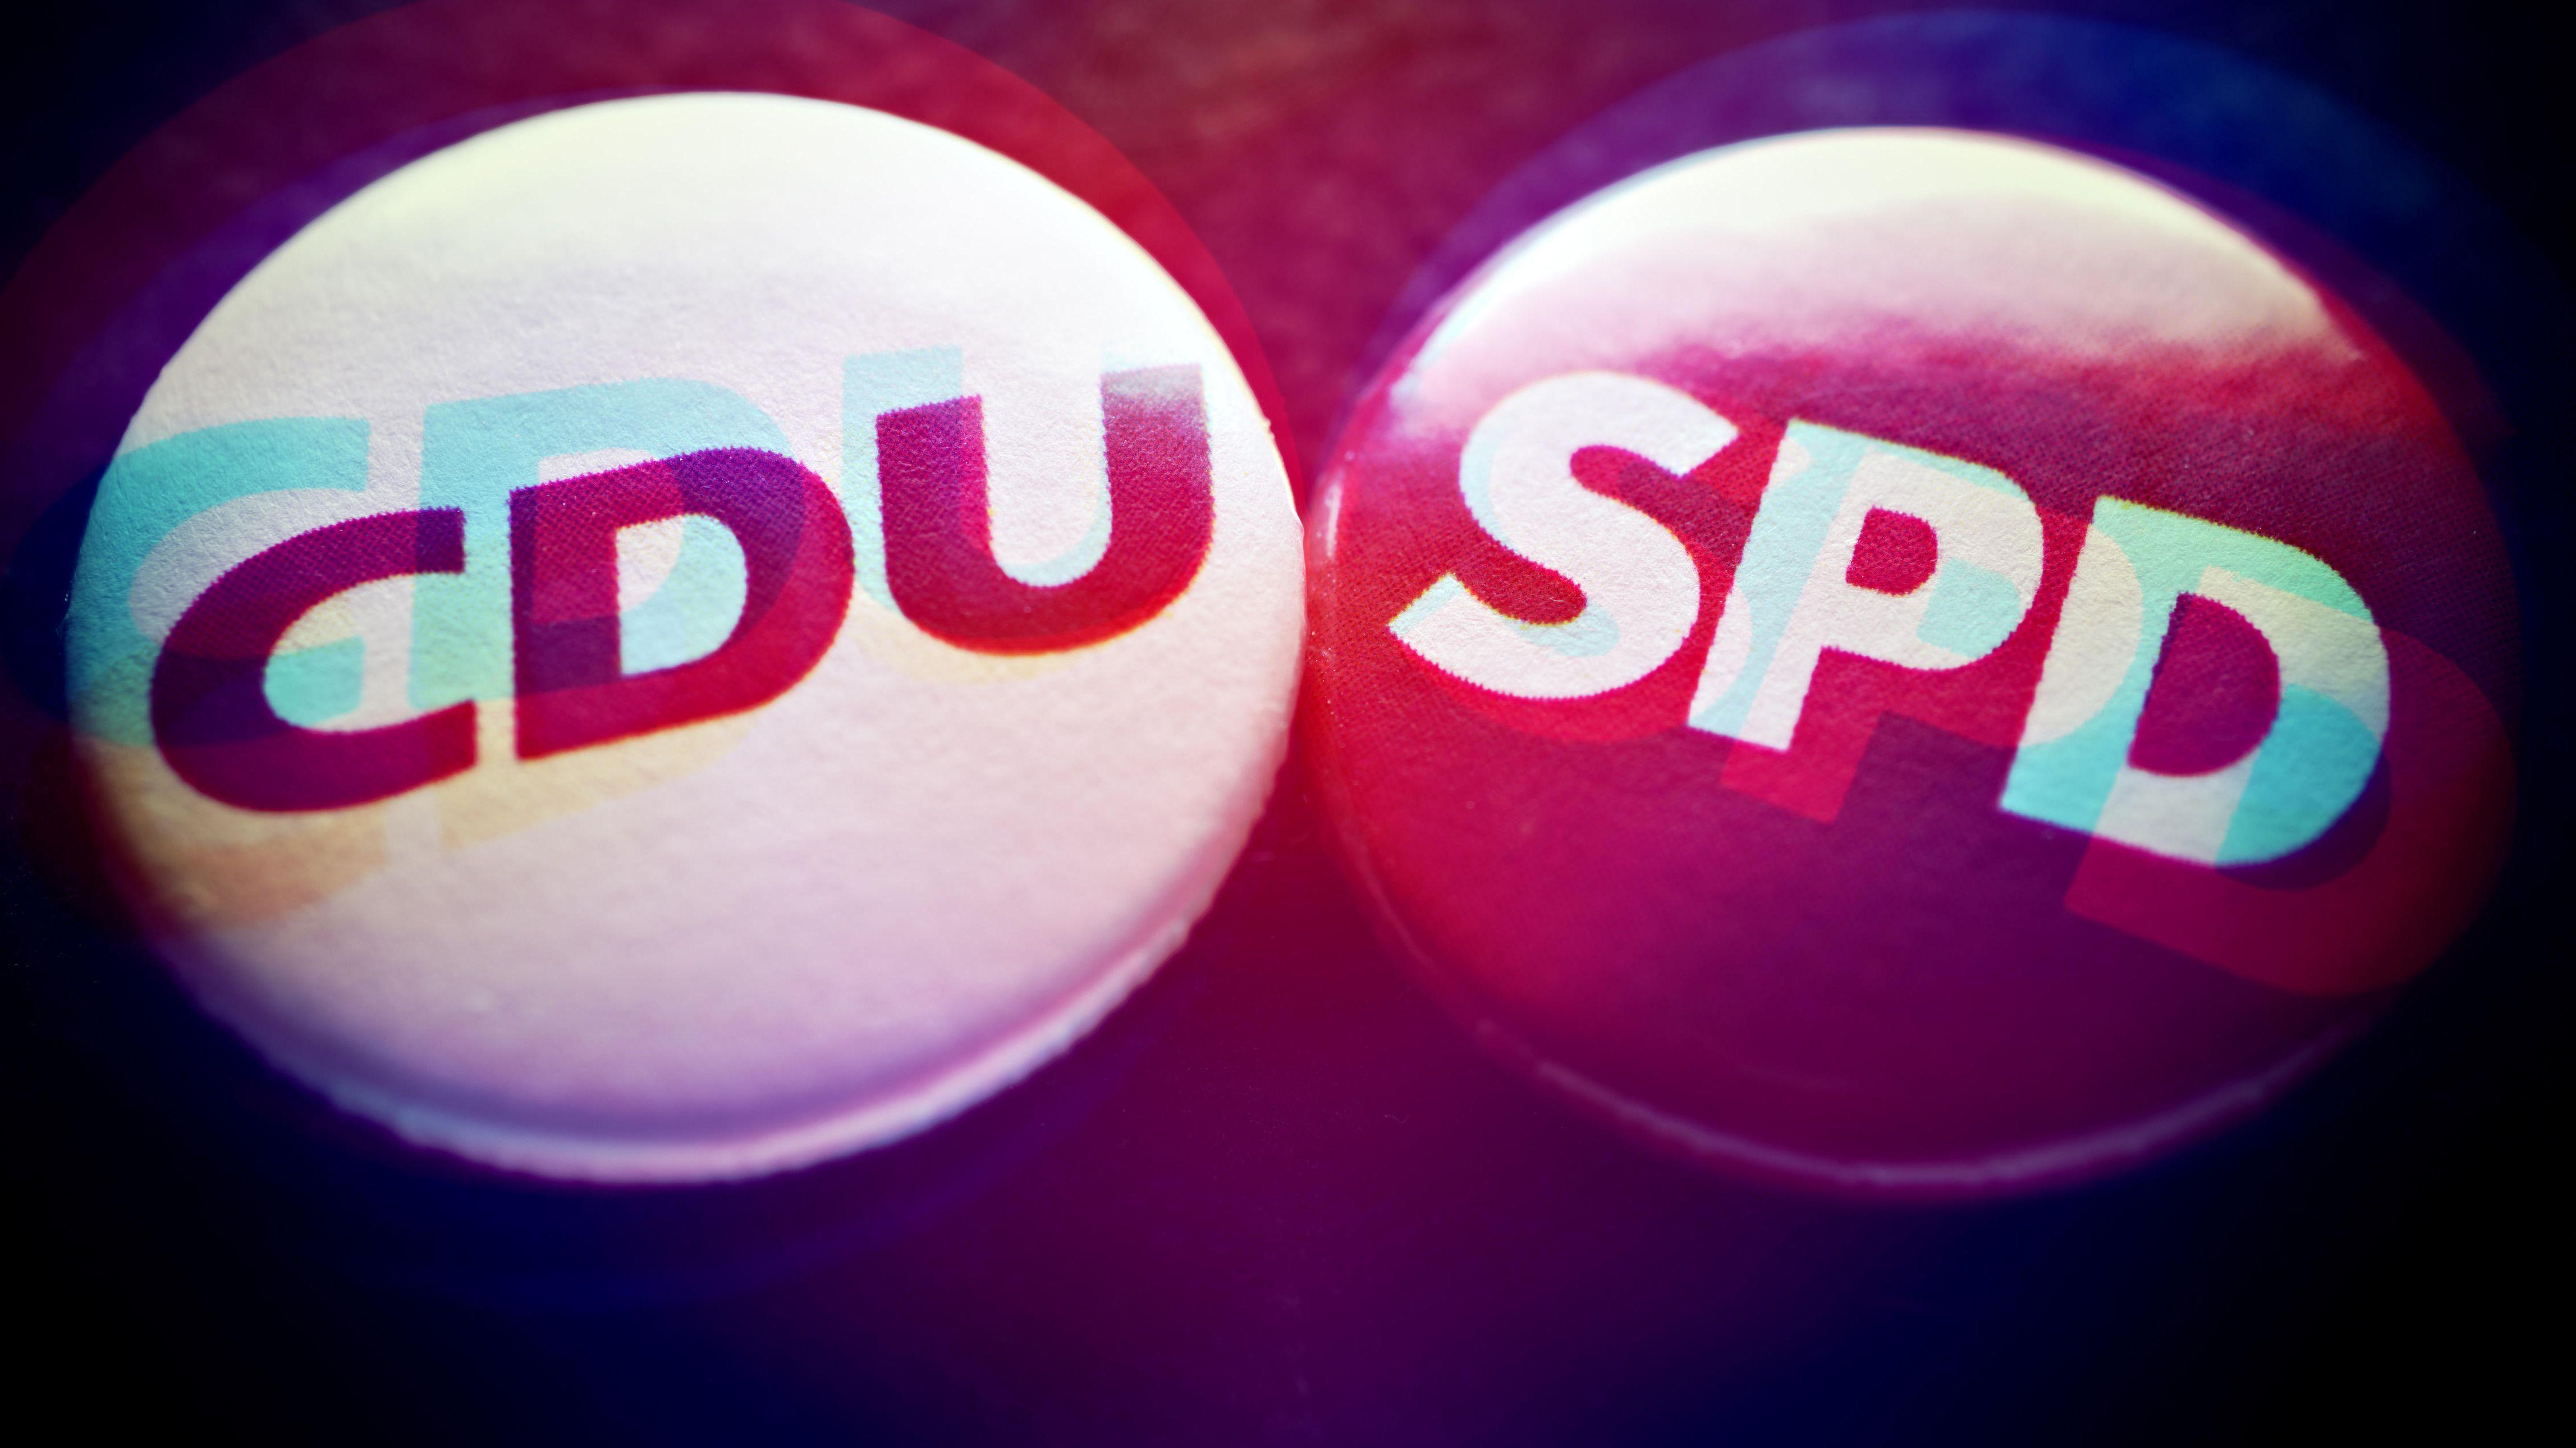 Anstecker der CDU und der SPD